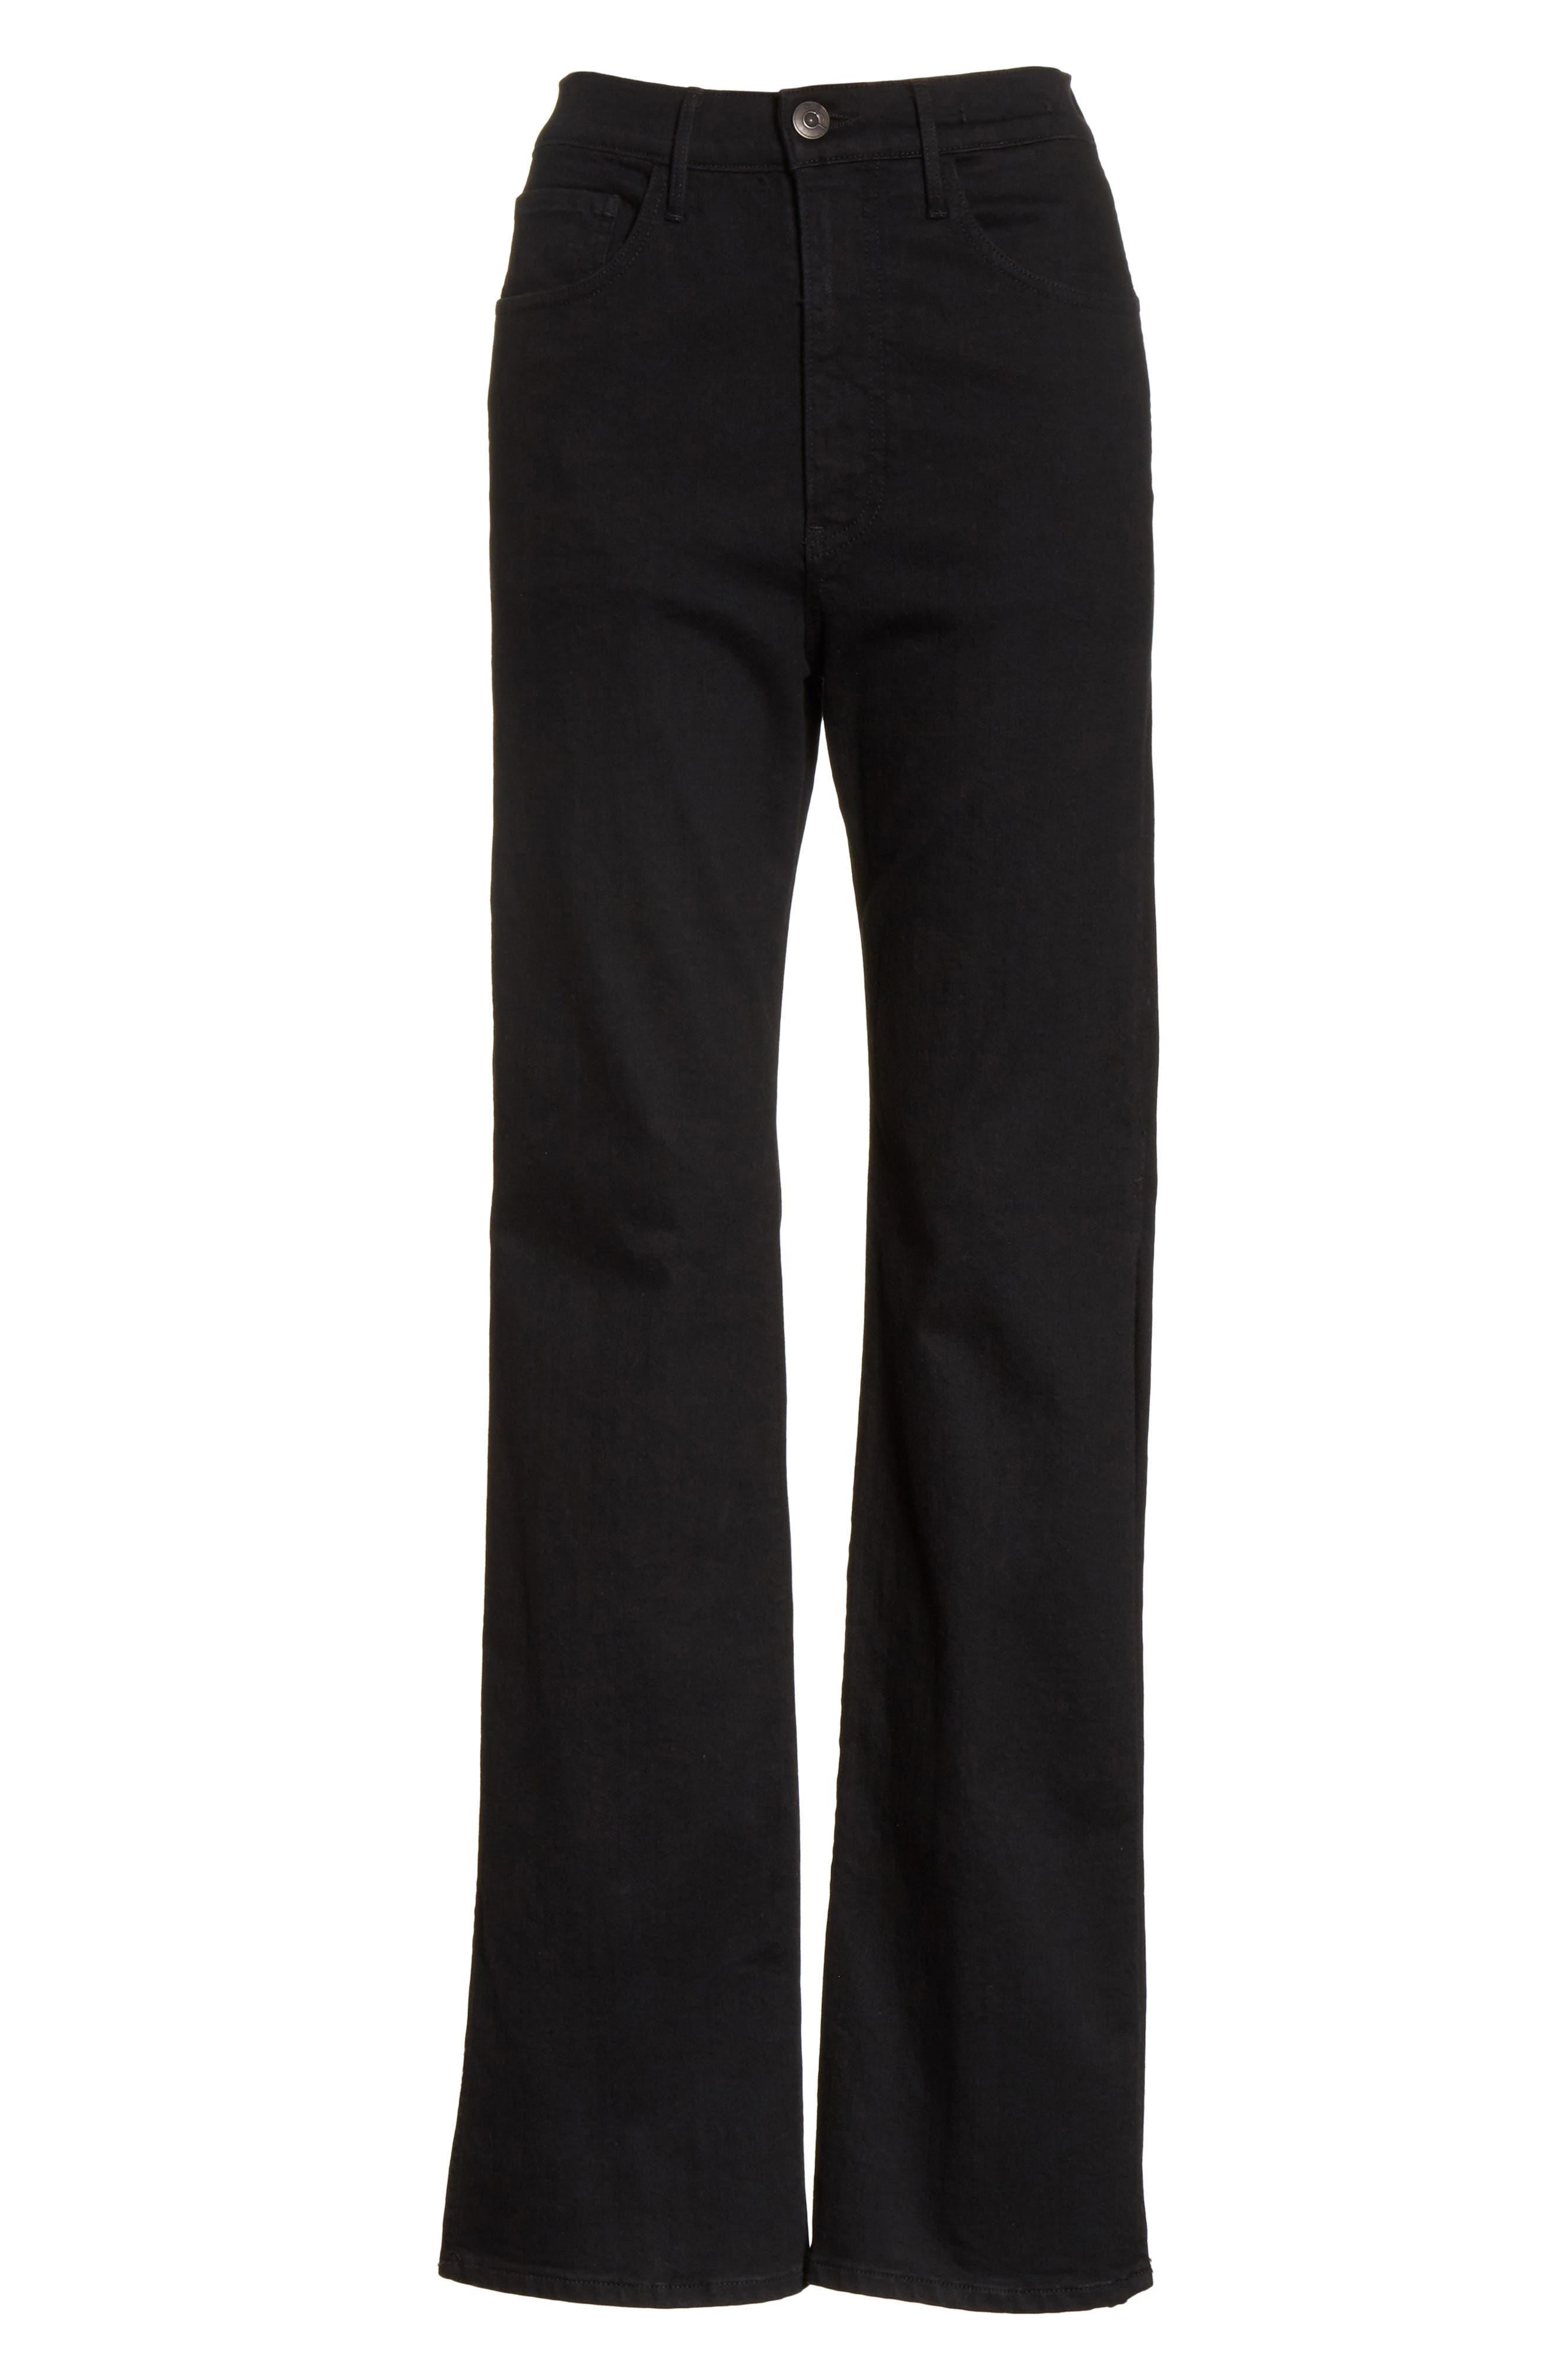 W4 Adeline High Waist Split Flare Jeans,                             Alternate thumbnail 6, color,                             001